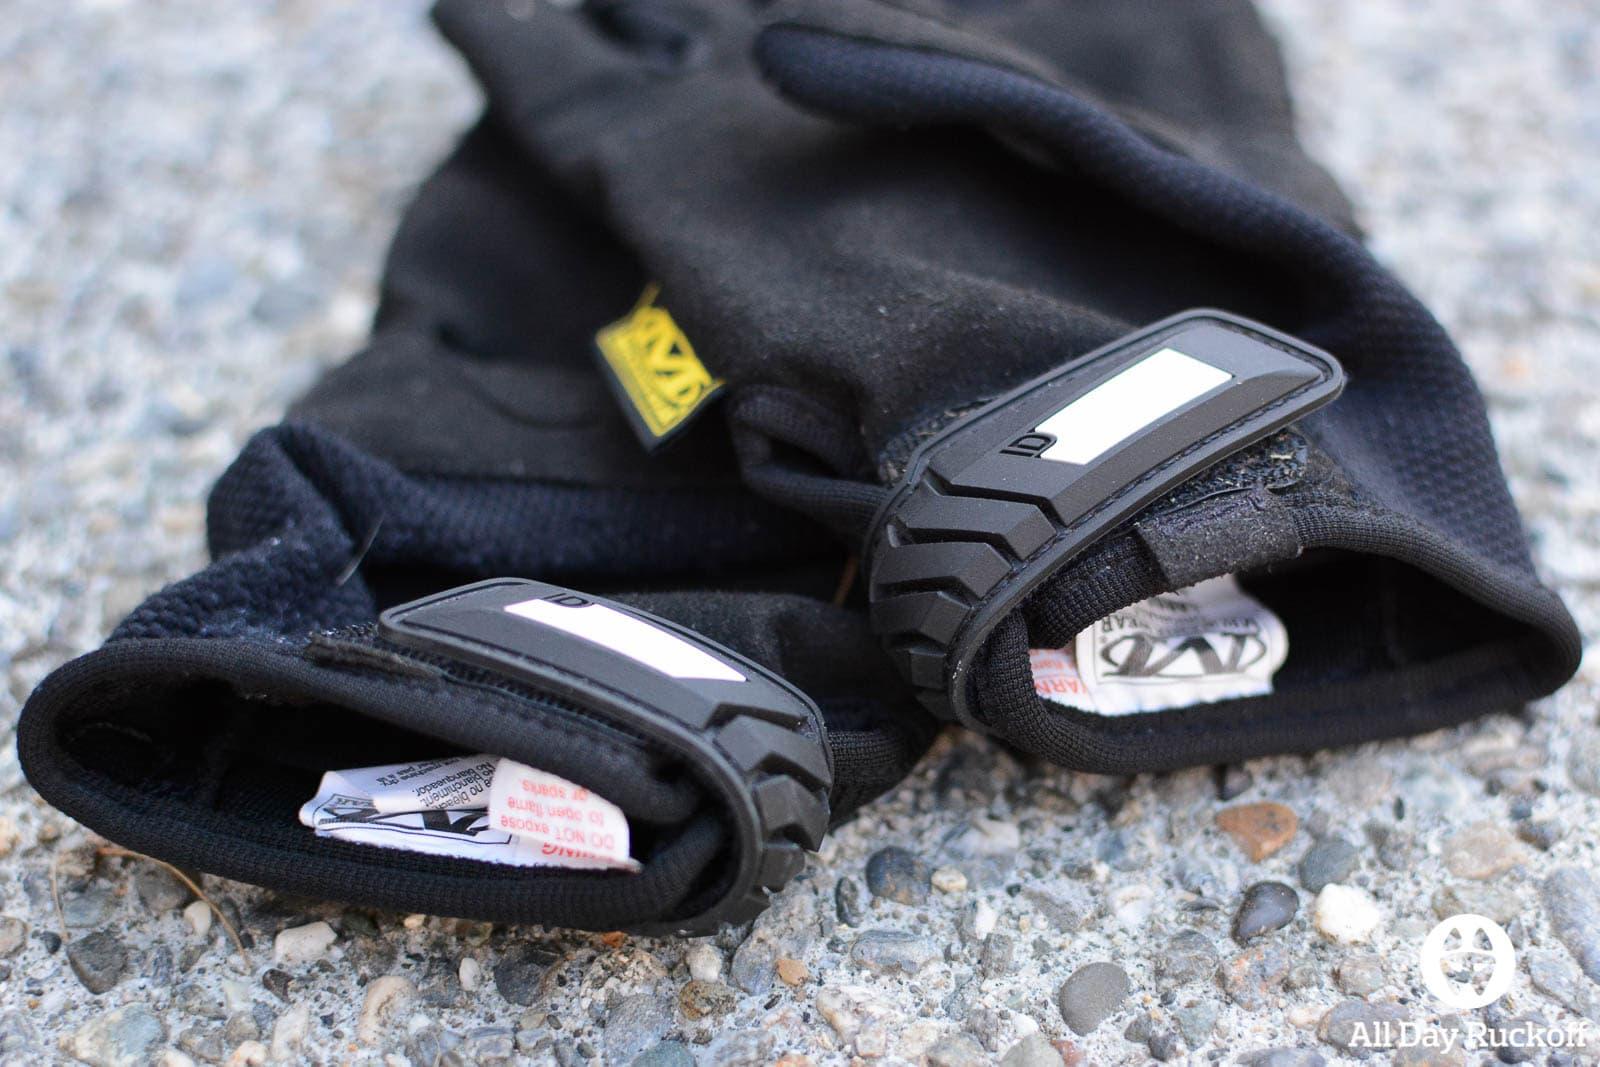 Mechanix Wear Gloves Inside